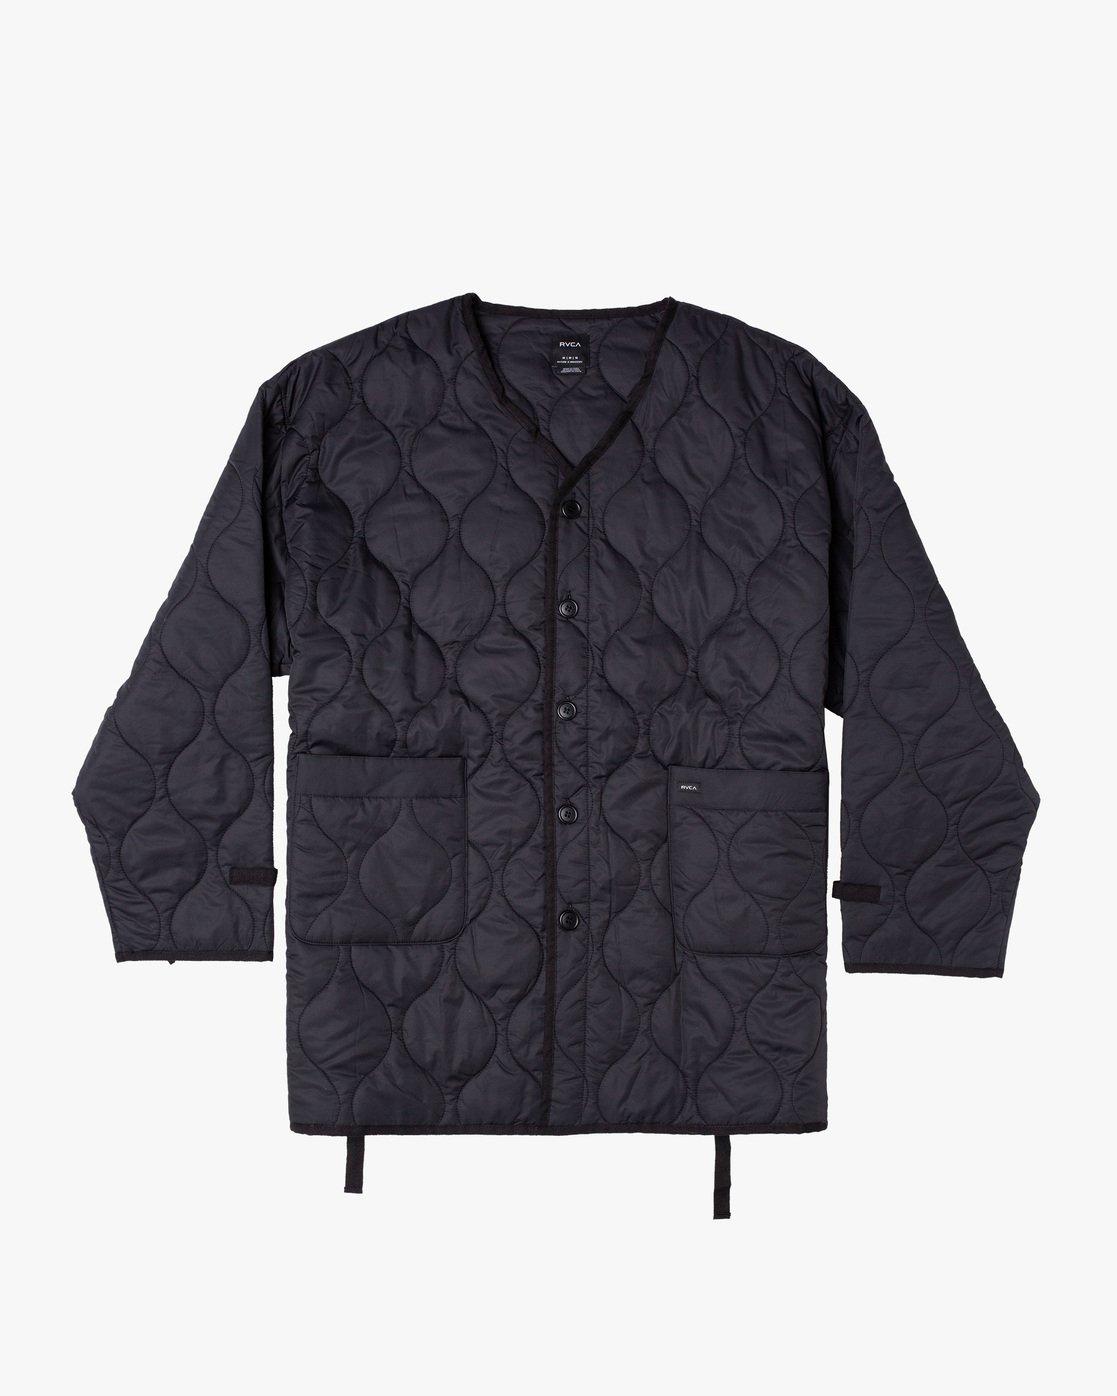 0 Linning Quilting Jacket Black GVYJK00100 RVCA